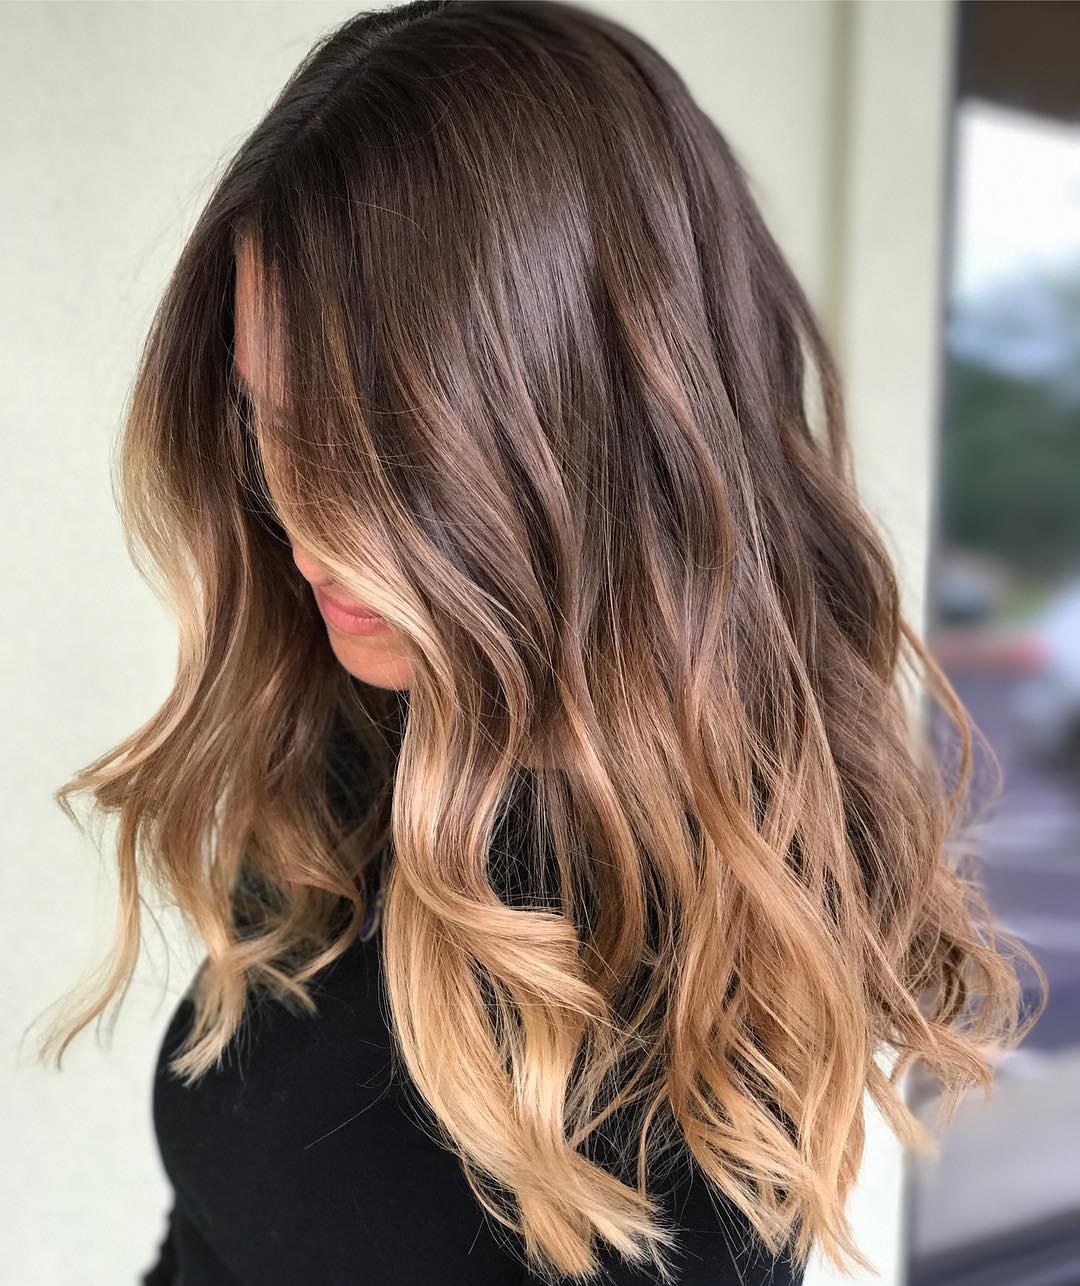 Svijetli pramenovi na smedjoj kosi (1)